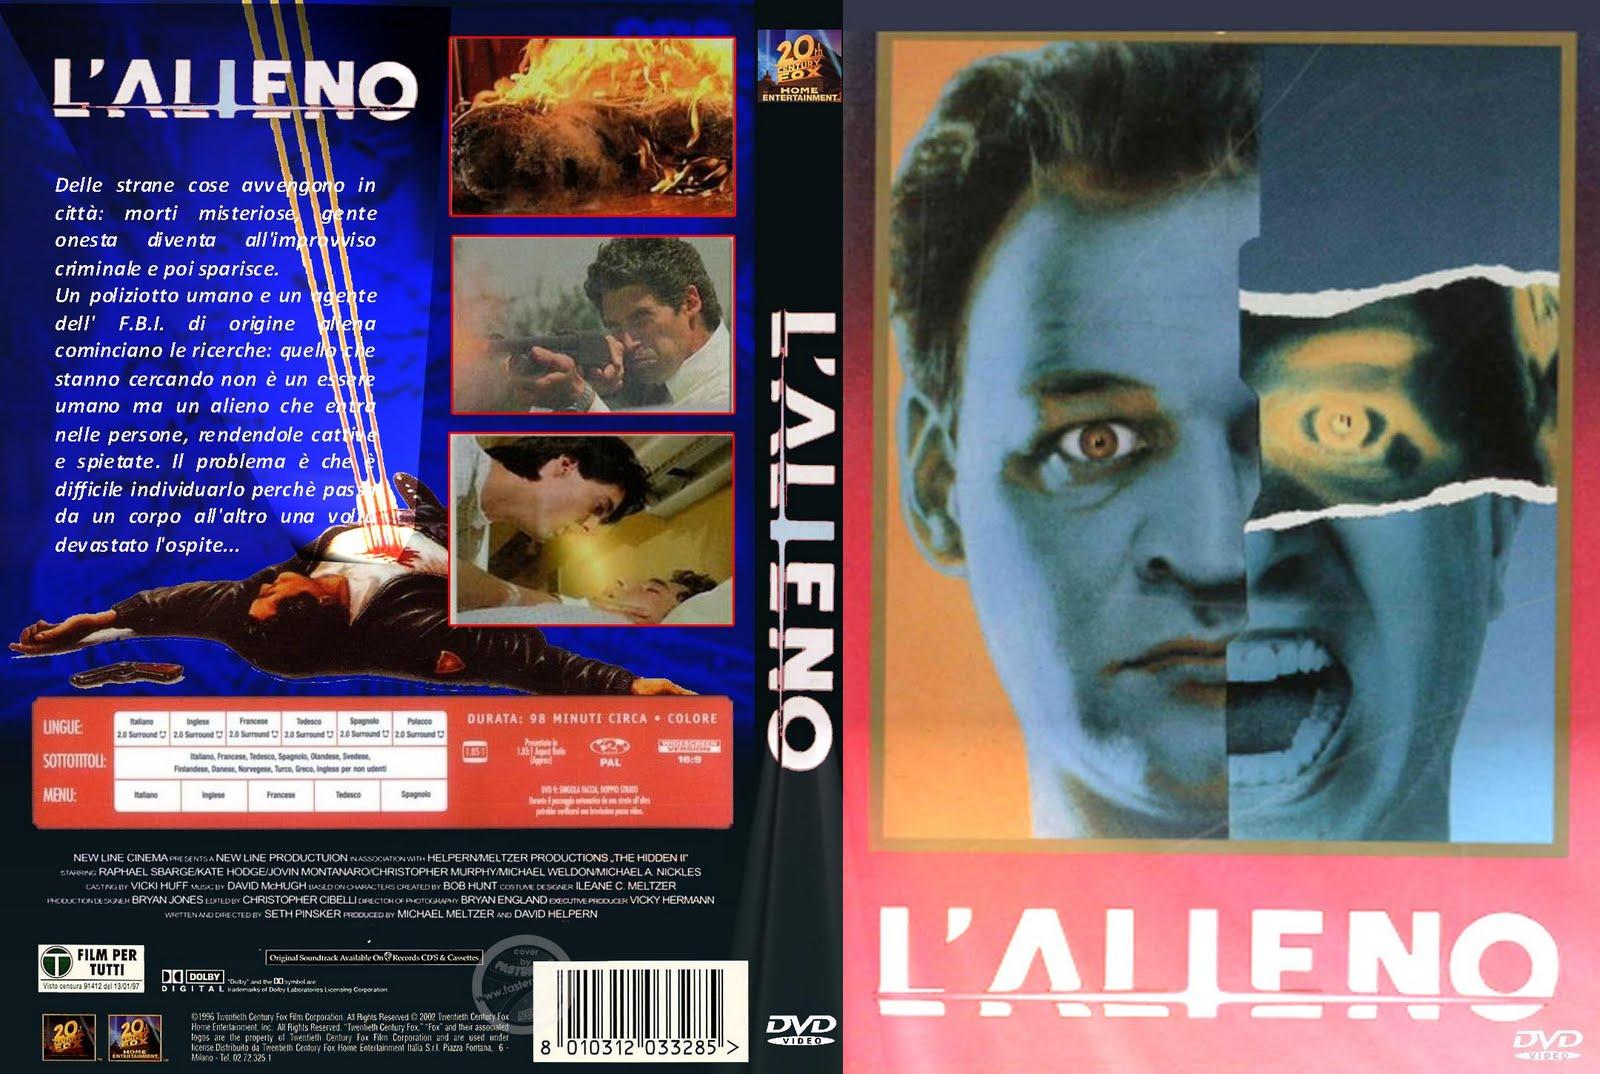 copertina della versione DVD